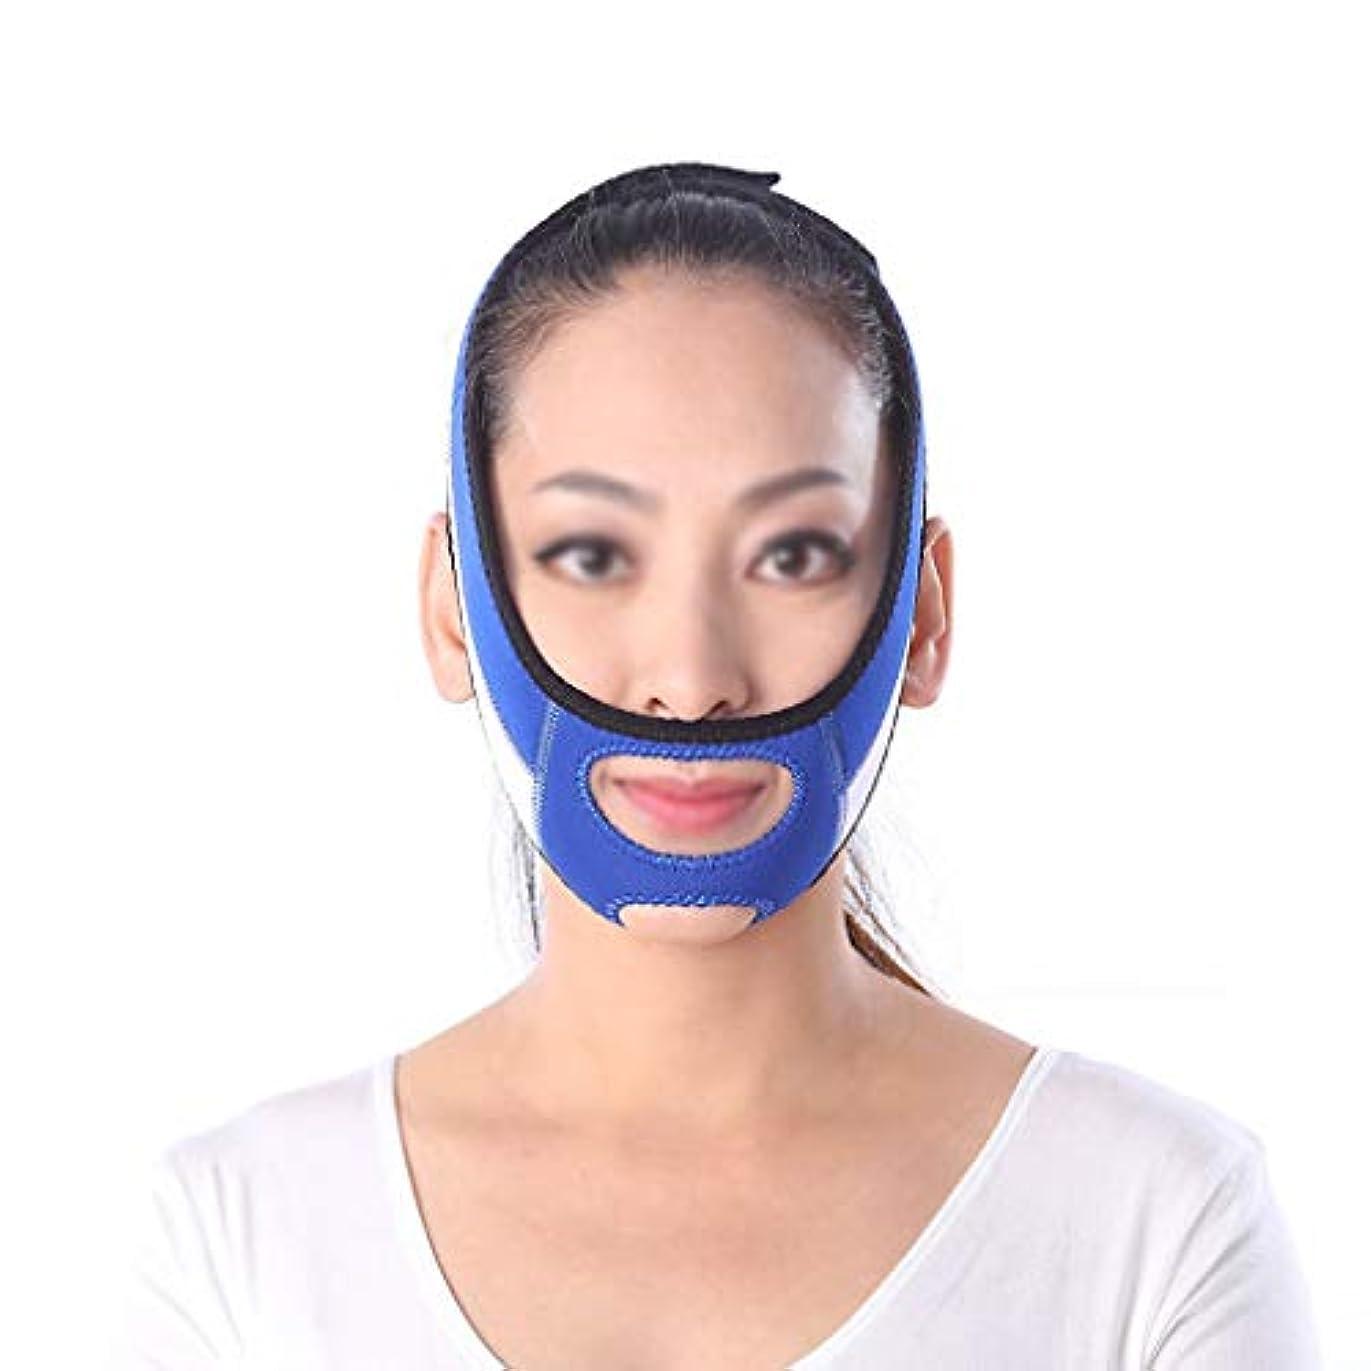 加害者失礼なおいしいフェイスリフティング包帯、フェイスリフティングマスク、フェイスリフティング器具、二重あごケア減量、フェイシャルリフティングストラップ(フリーサイズ、ブルー)